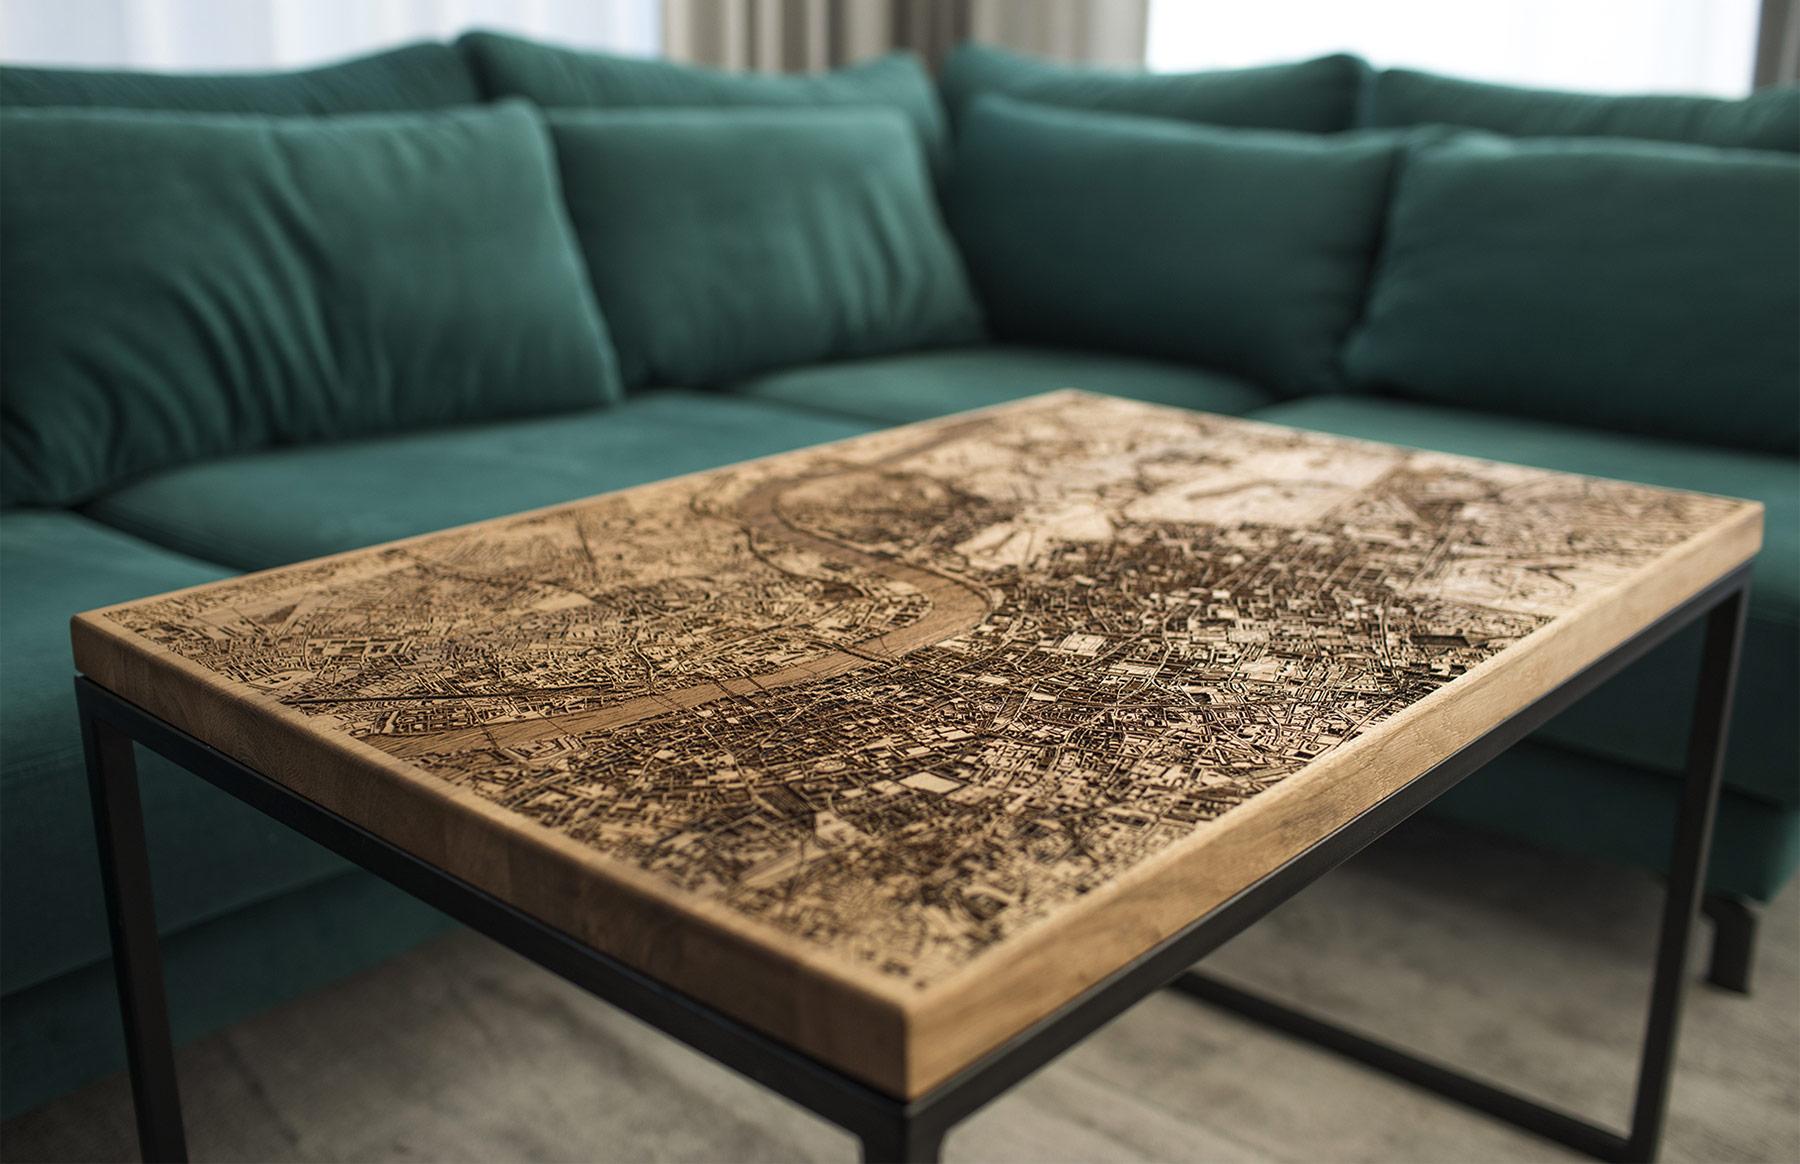 Tische mit eingravierten Stadtkarten Tische-mit-gravierten-stadtkarten_01